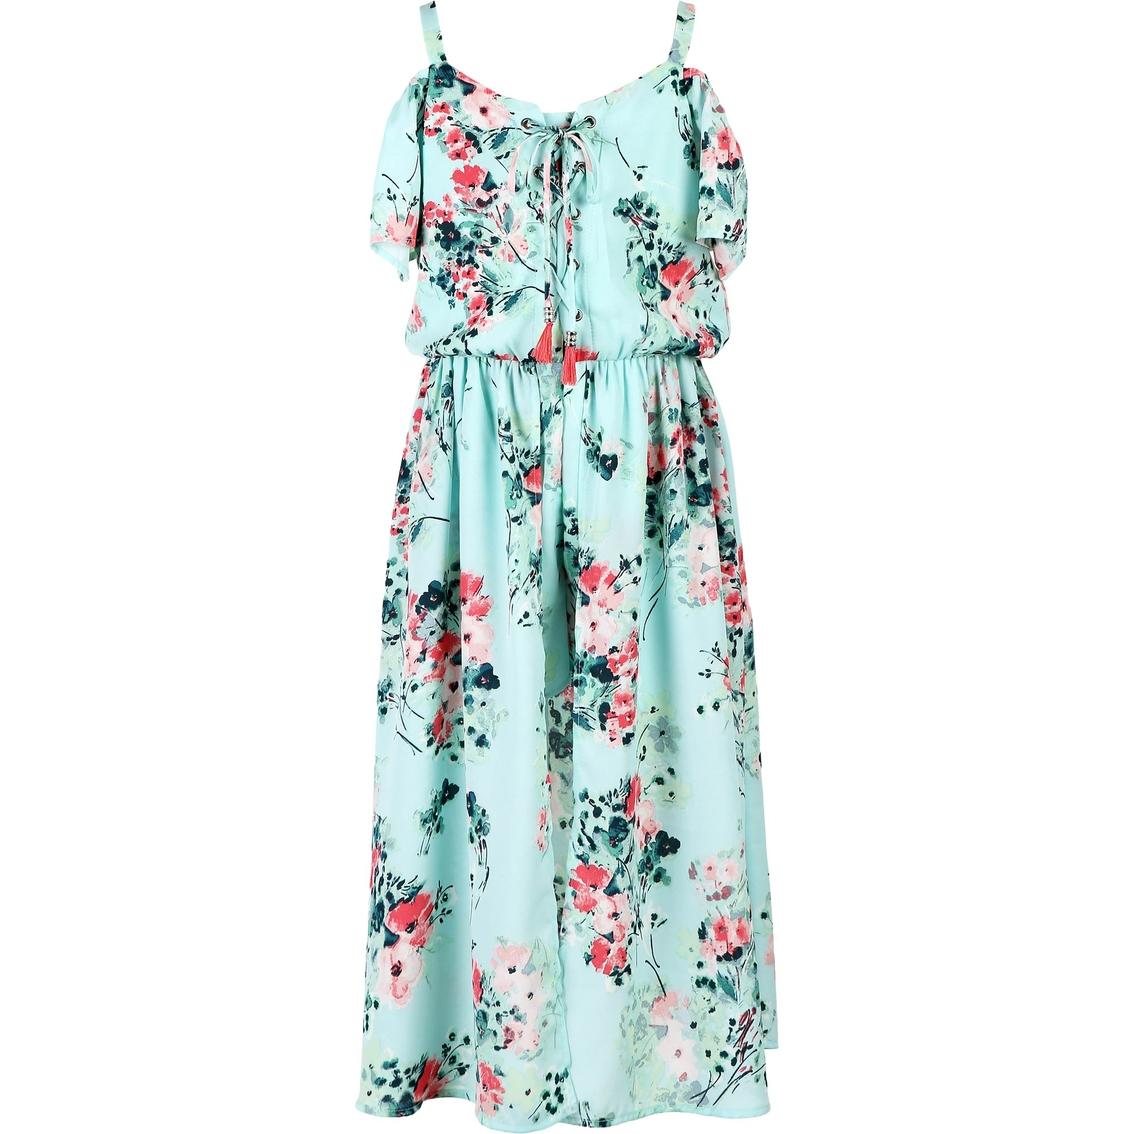 38a8f8172f79 Speechless Girls Floral Chiffon Romper Dress | Girls 7-16 | Apparel ...